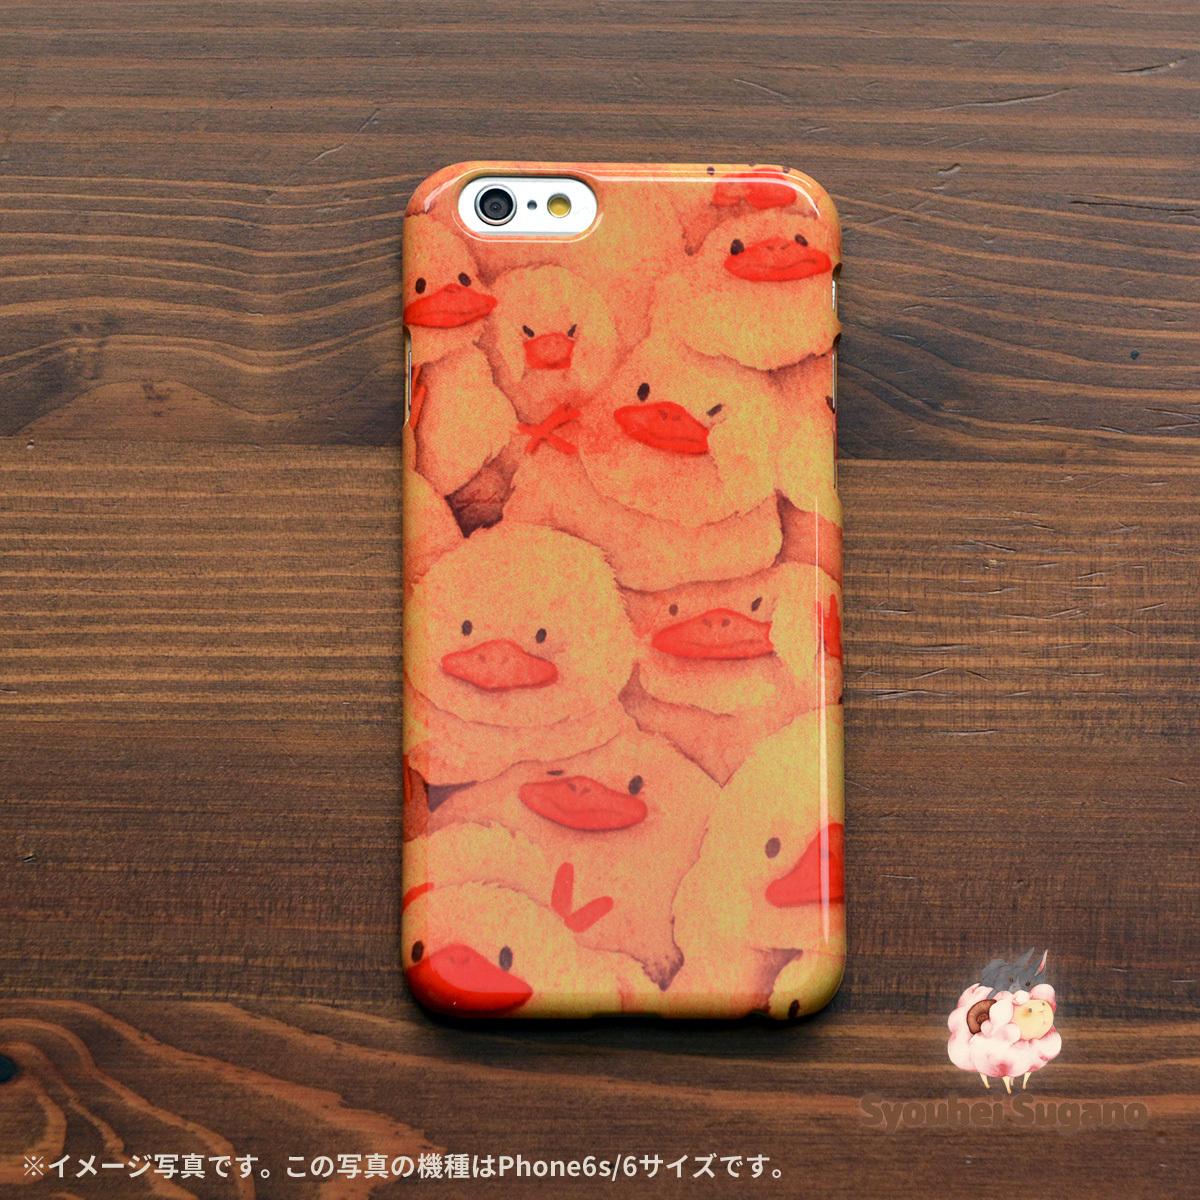 【限定色】iphone5c ケース ハードケース アイフォン5c ケース ハード iphone5c ケース かわいい キラキラ ヒヨコ おしくらひよこ/Syouhei Sugano